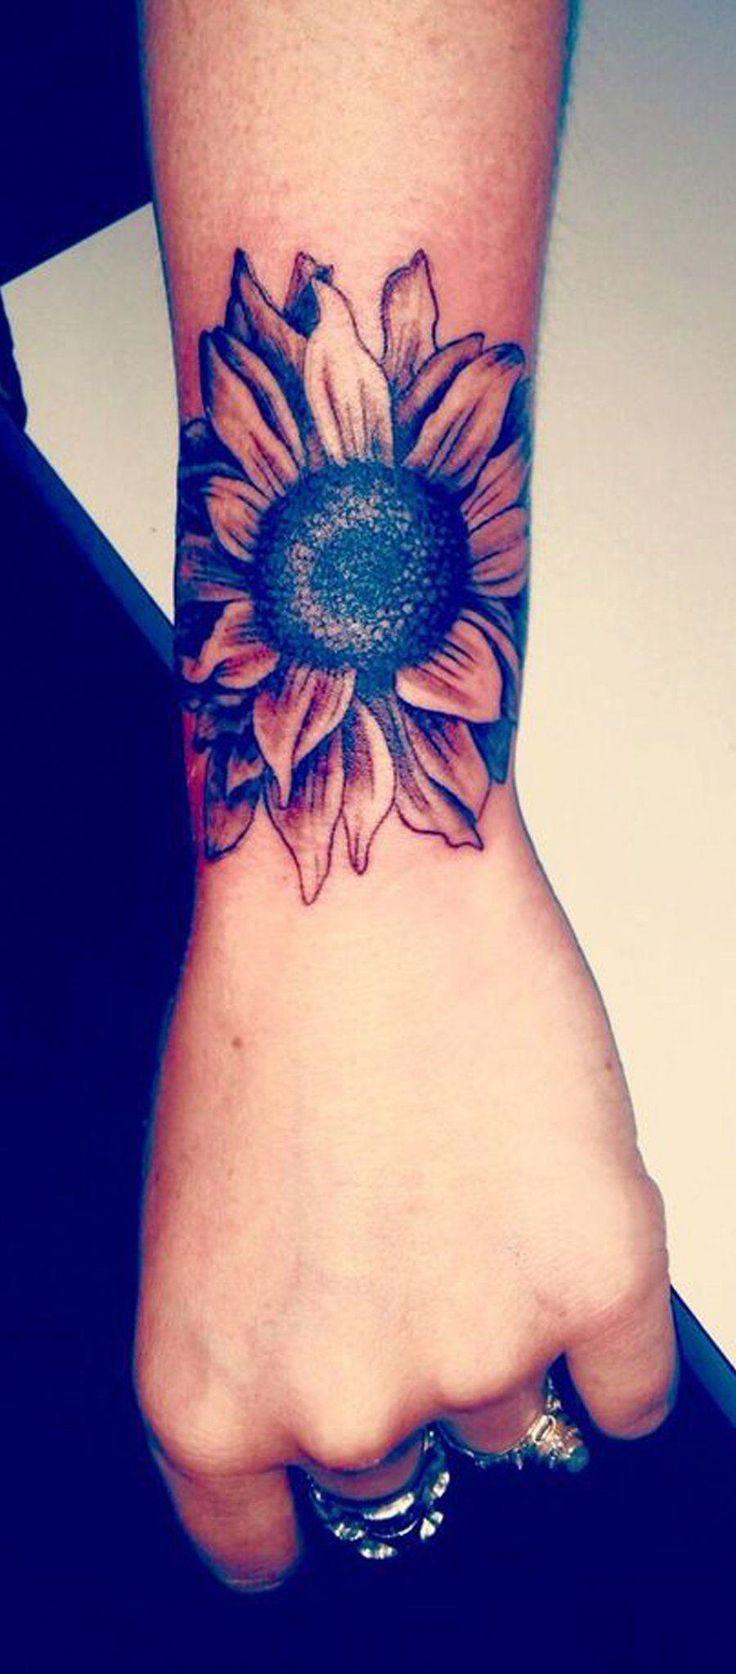 Coole Sonnenblumen Arm Tattoo Ideen für Frauen – Realistische schöne Blume …